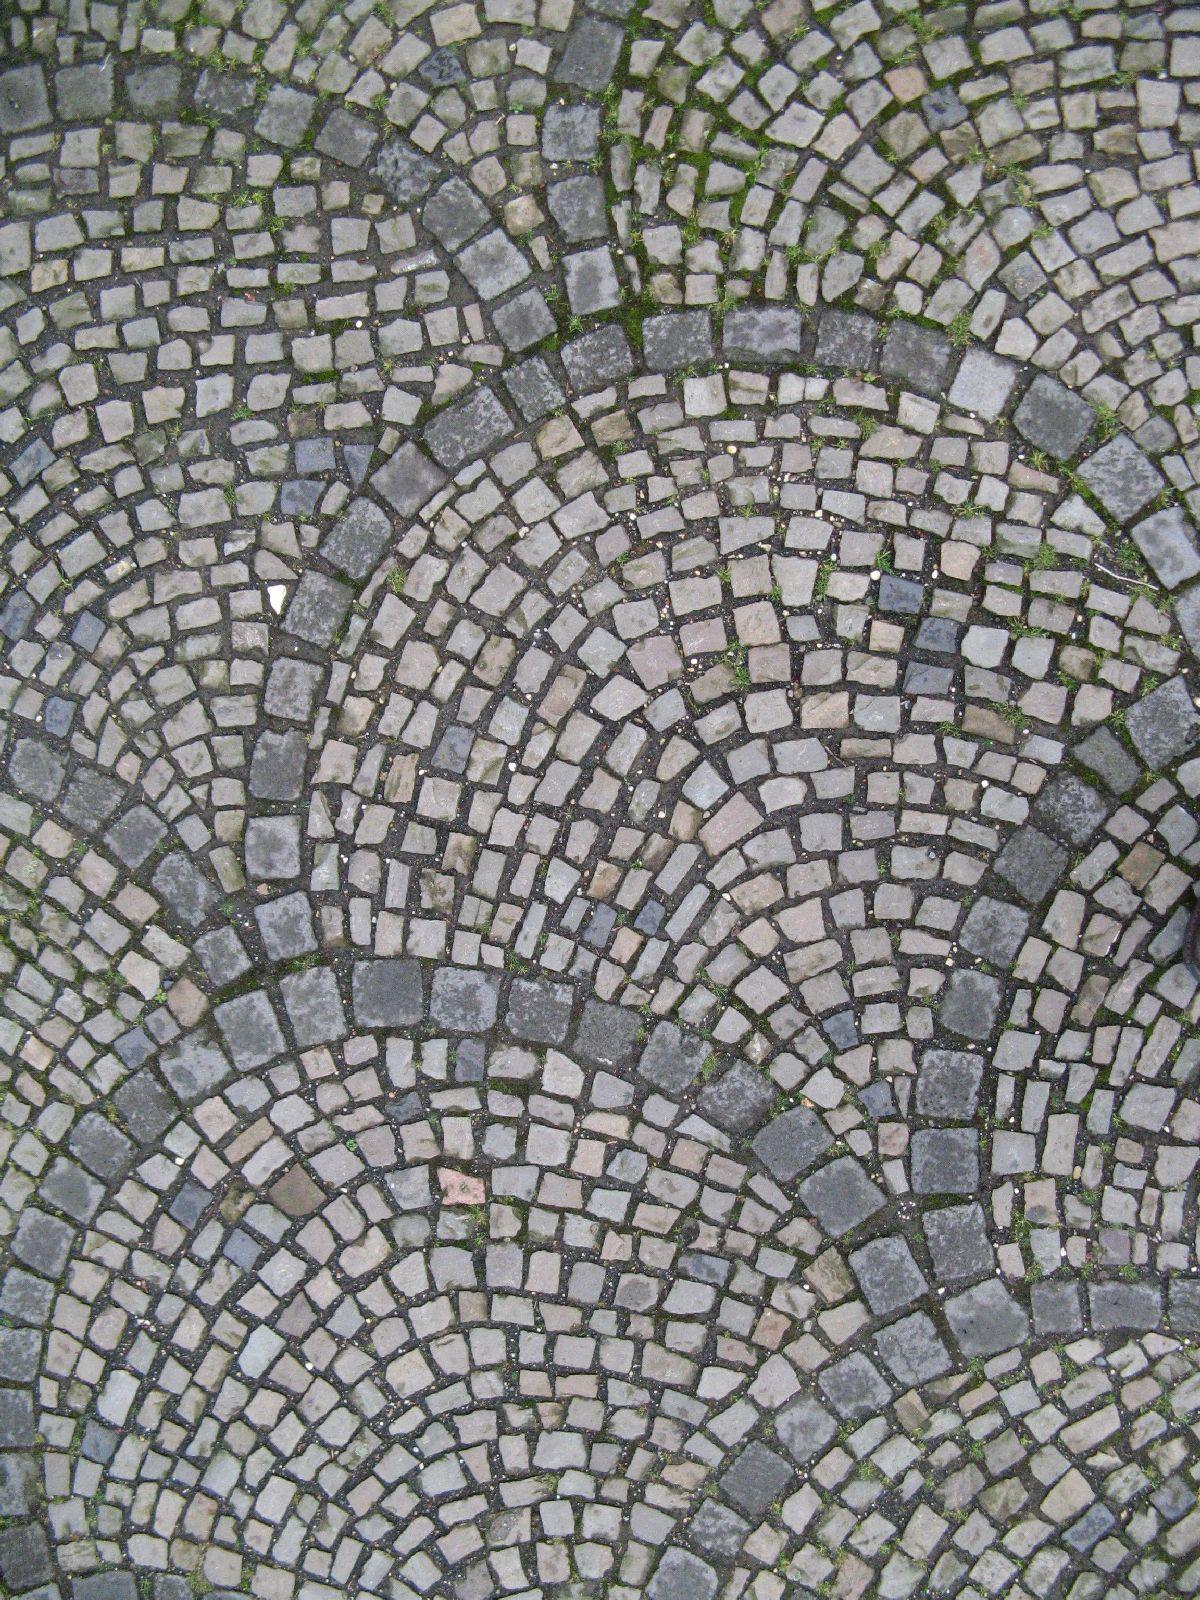 Boden-Gehweg-Strasse-Buergersteig-Textur_B_02231